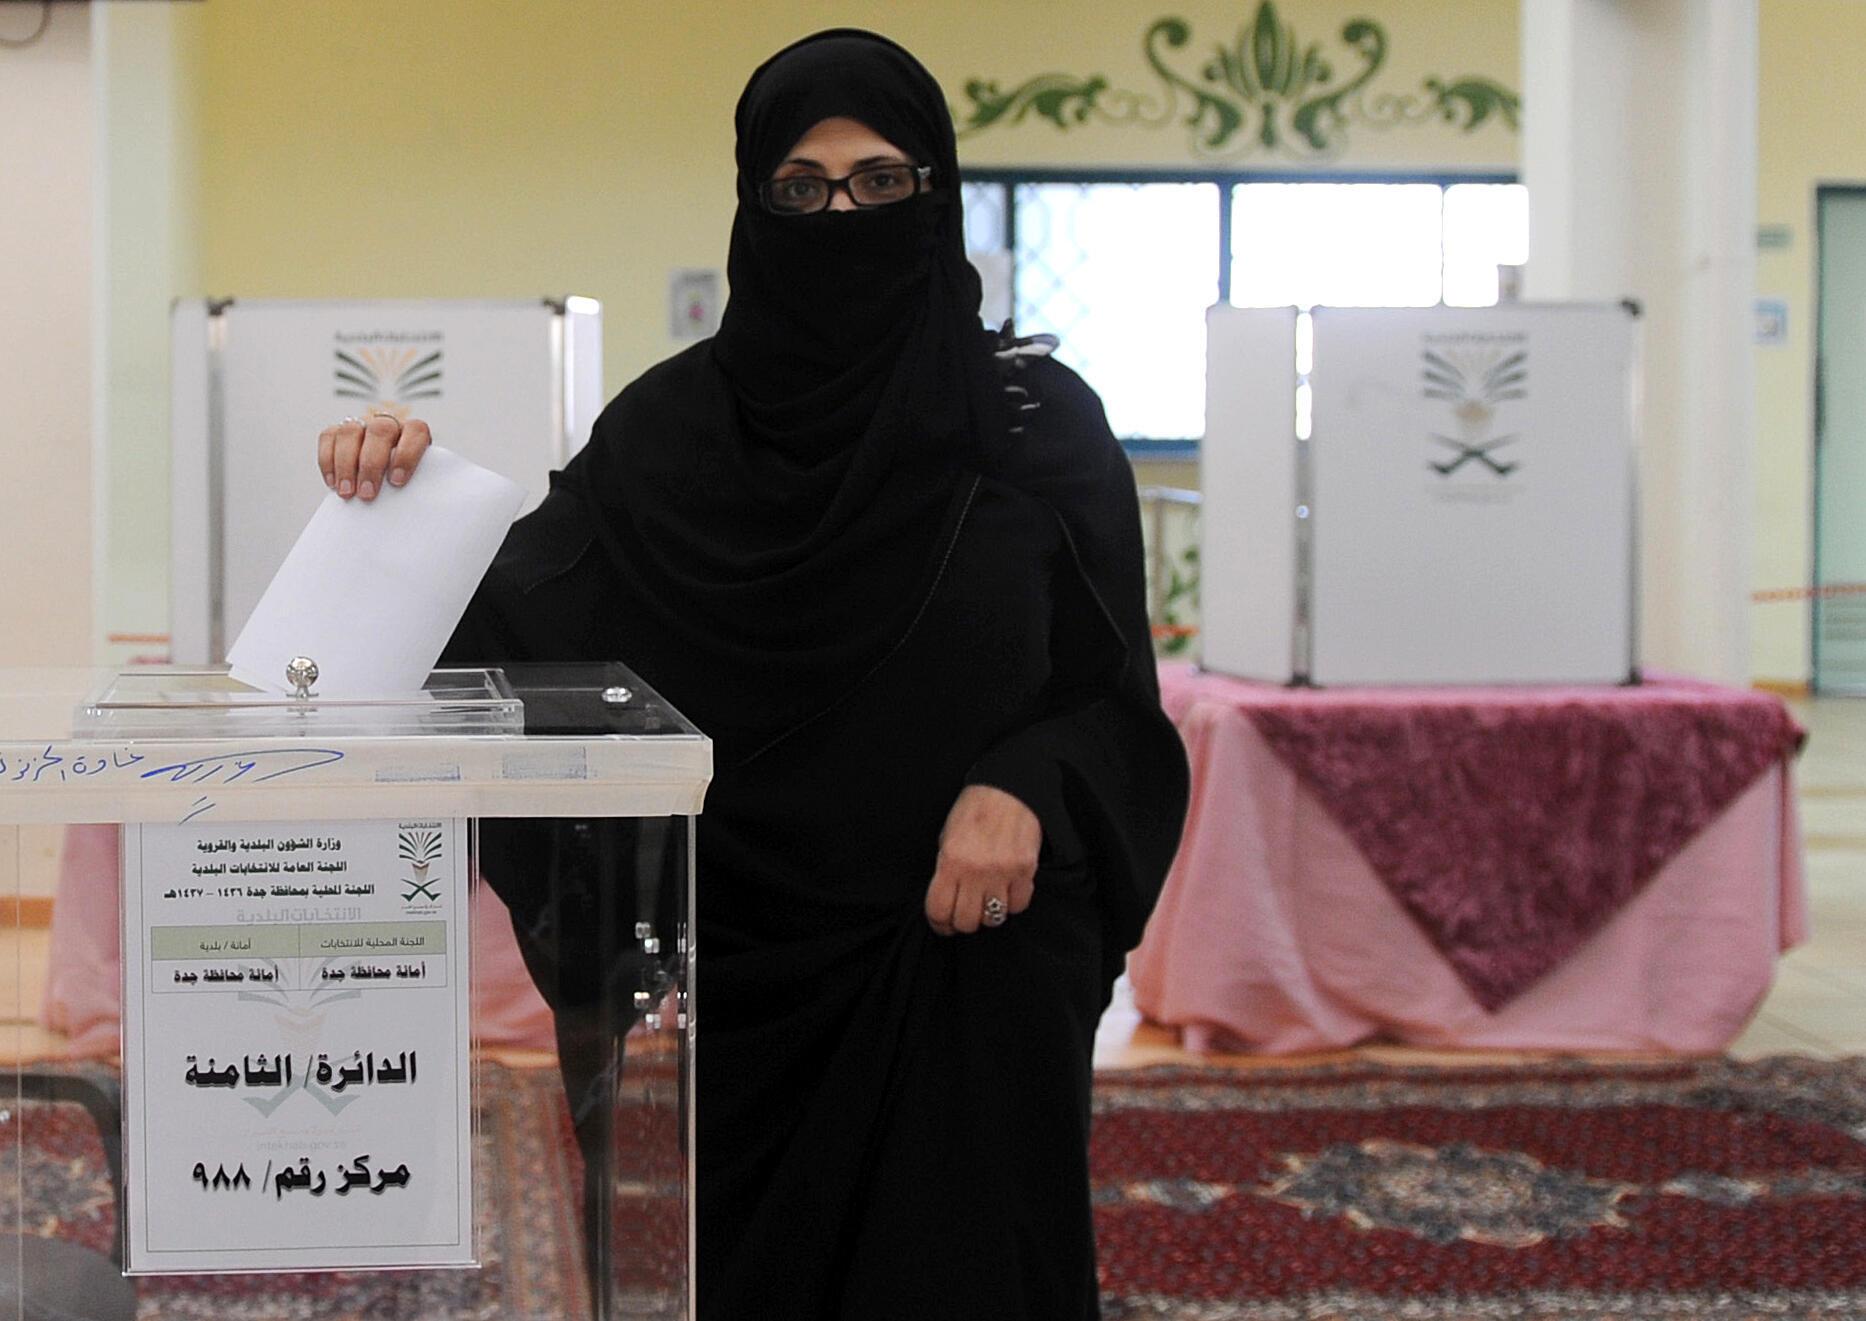 Une femme dépose son bulletin dans l'urne d'un bureau de vote de Jeddah, en Arabie saoudite. Photo datée du 12 décembre 2015.